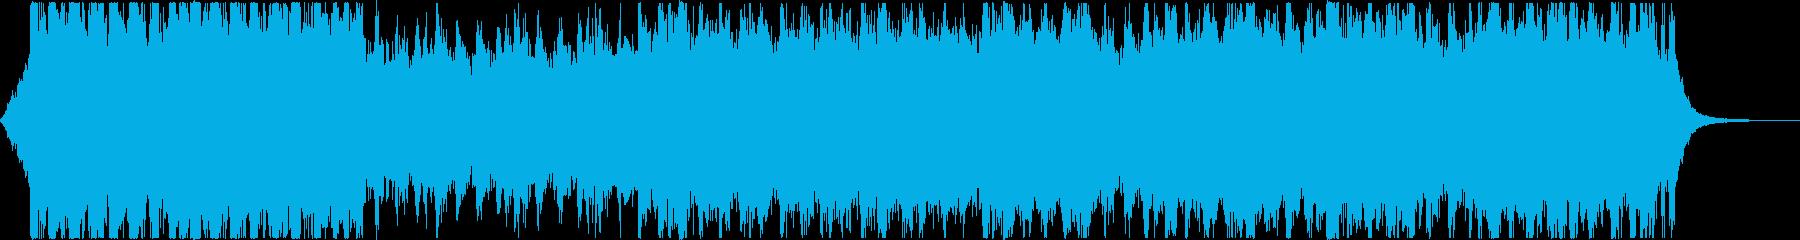 ファンファーレオーケストラBGMの再生済みの波形